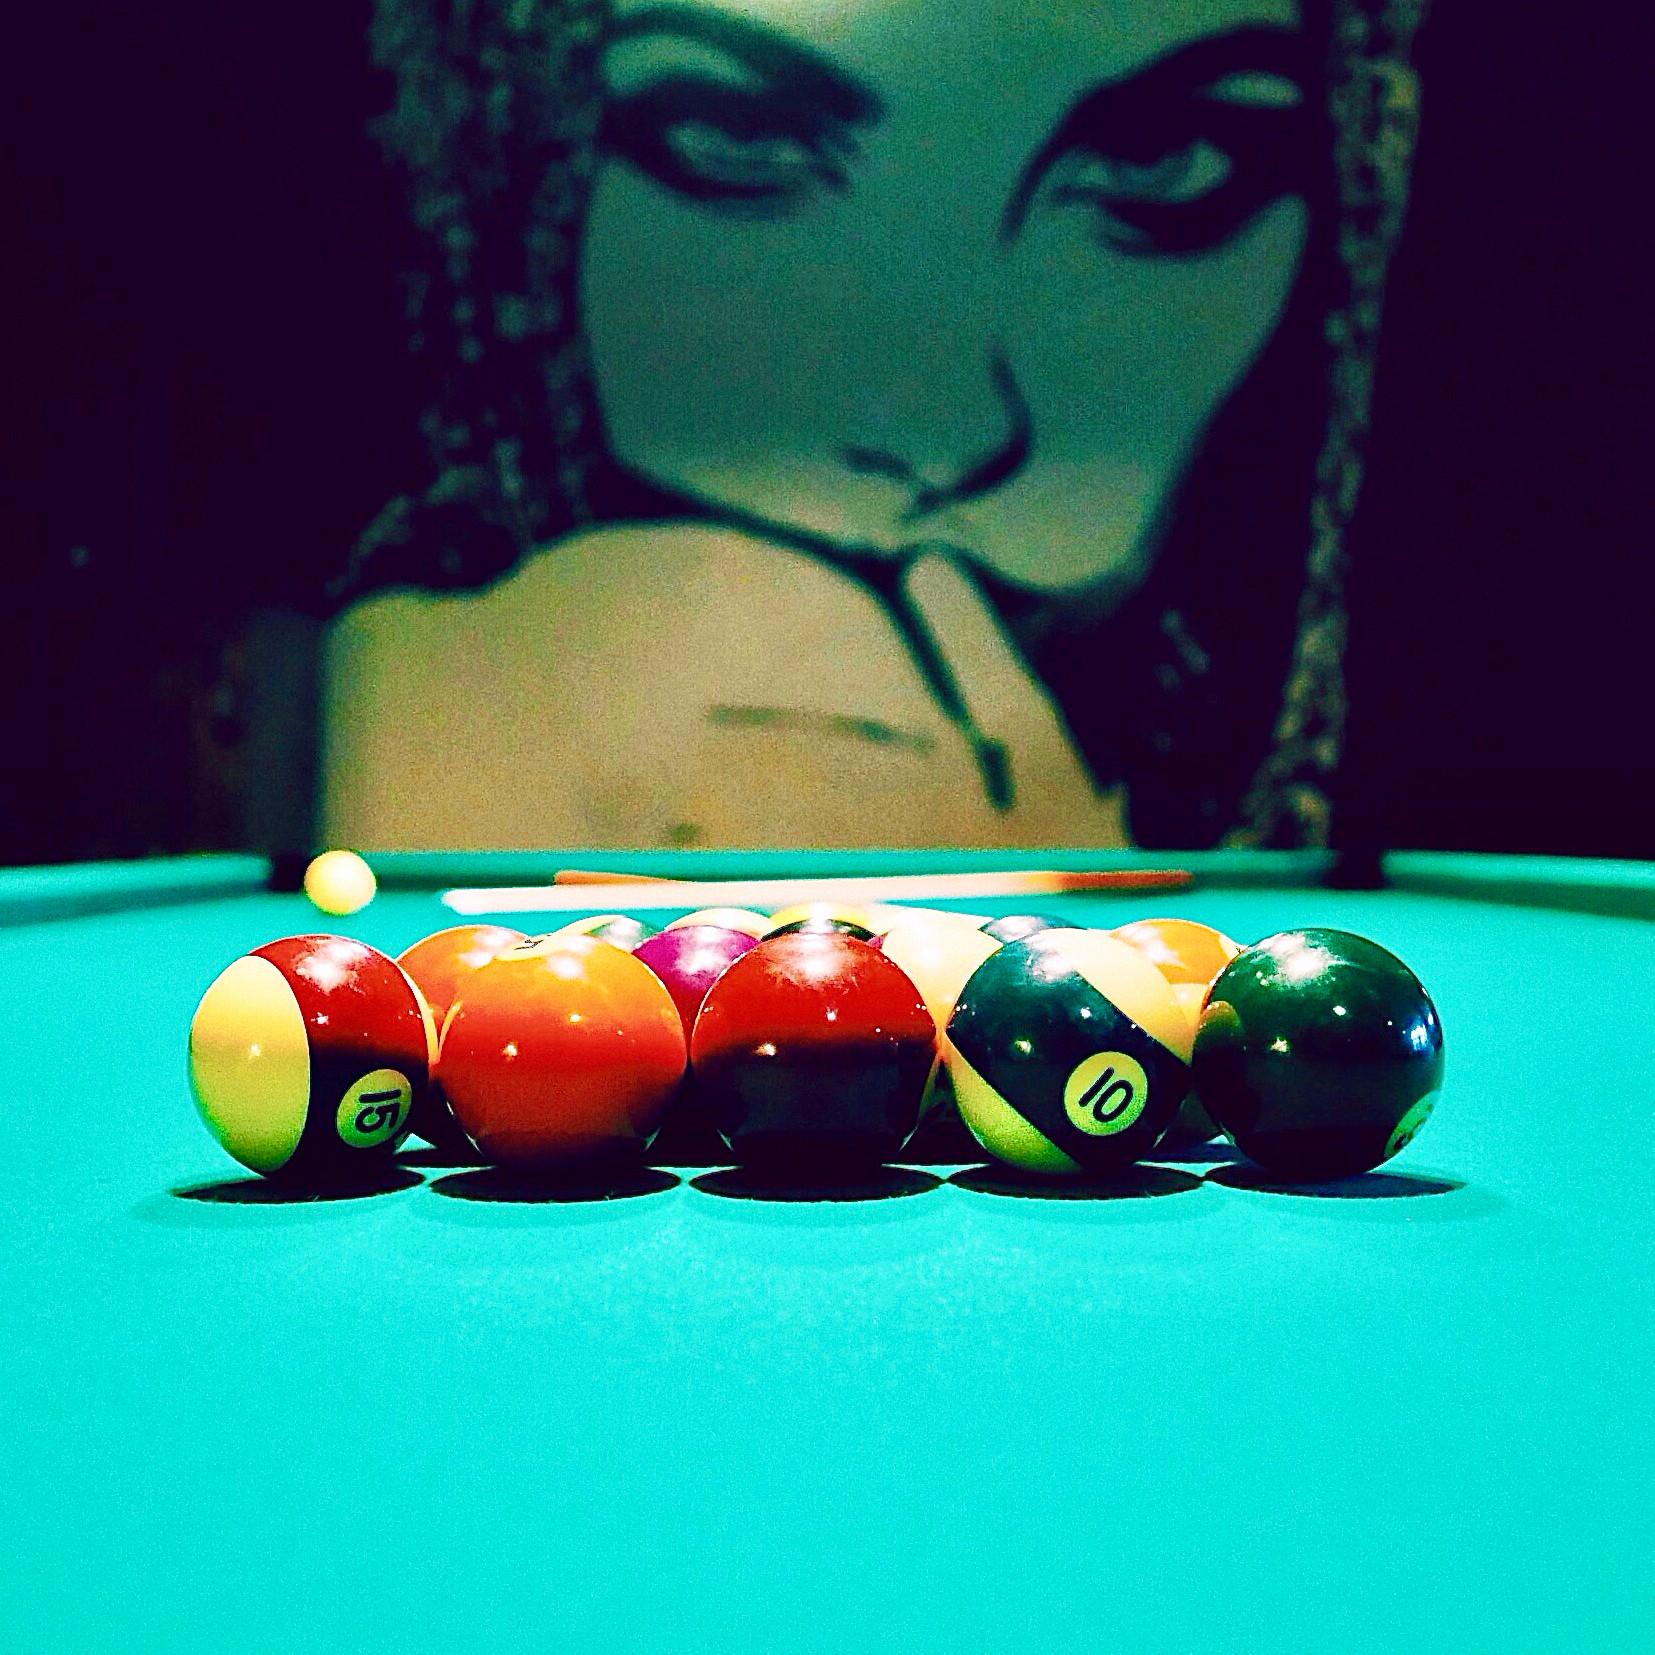 Pool - 1 hr